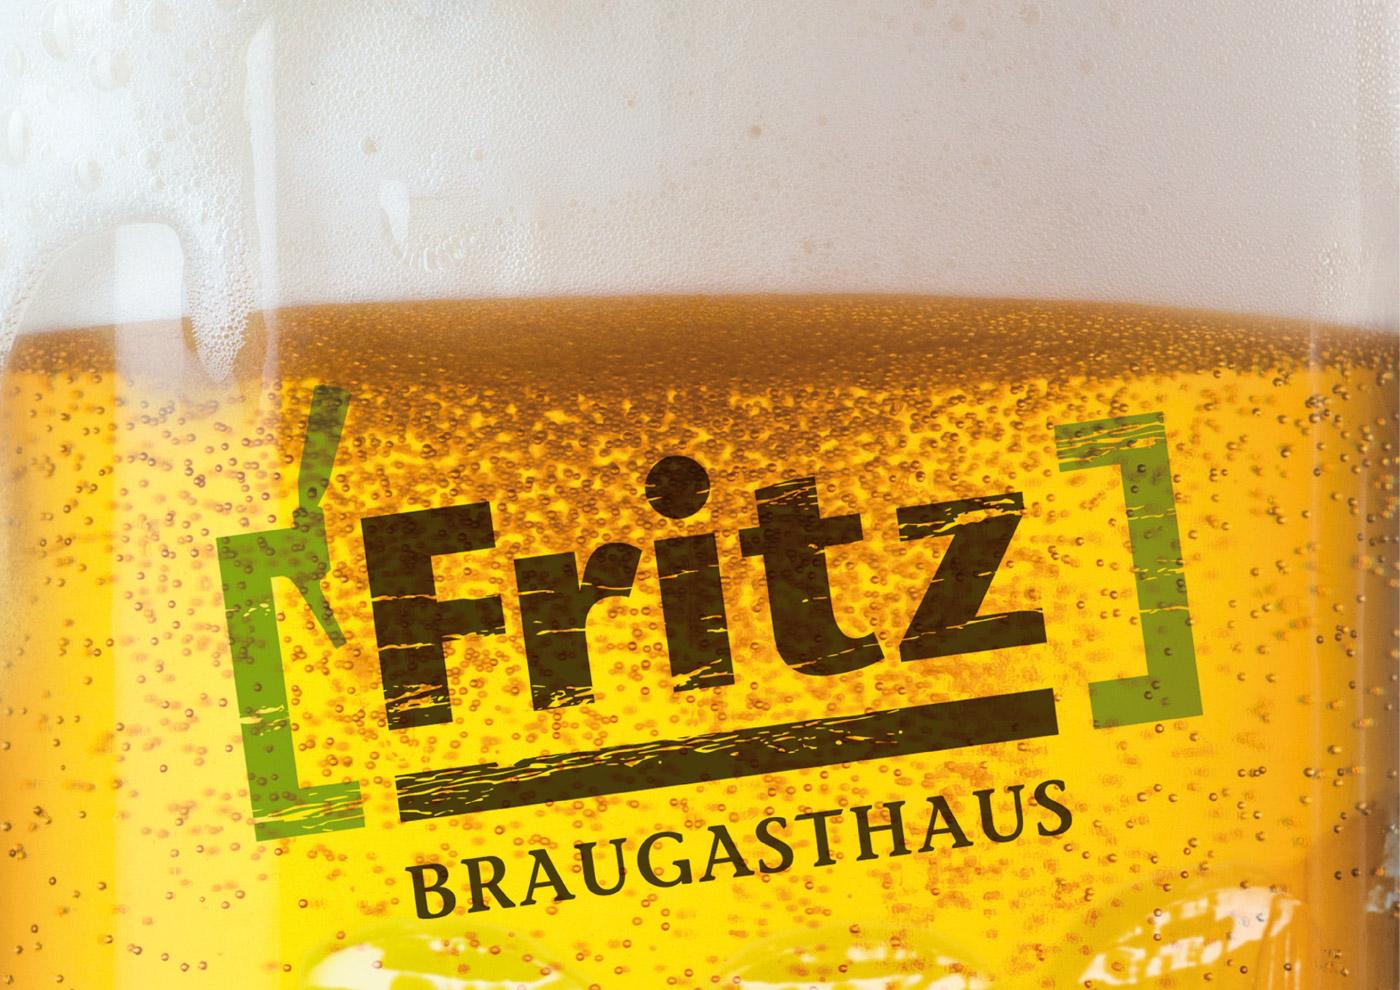 Bierglas im frisch gezapften Design